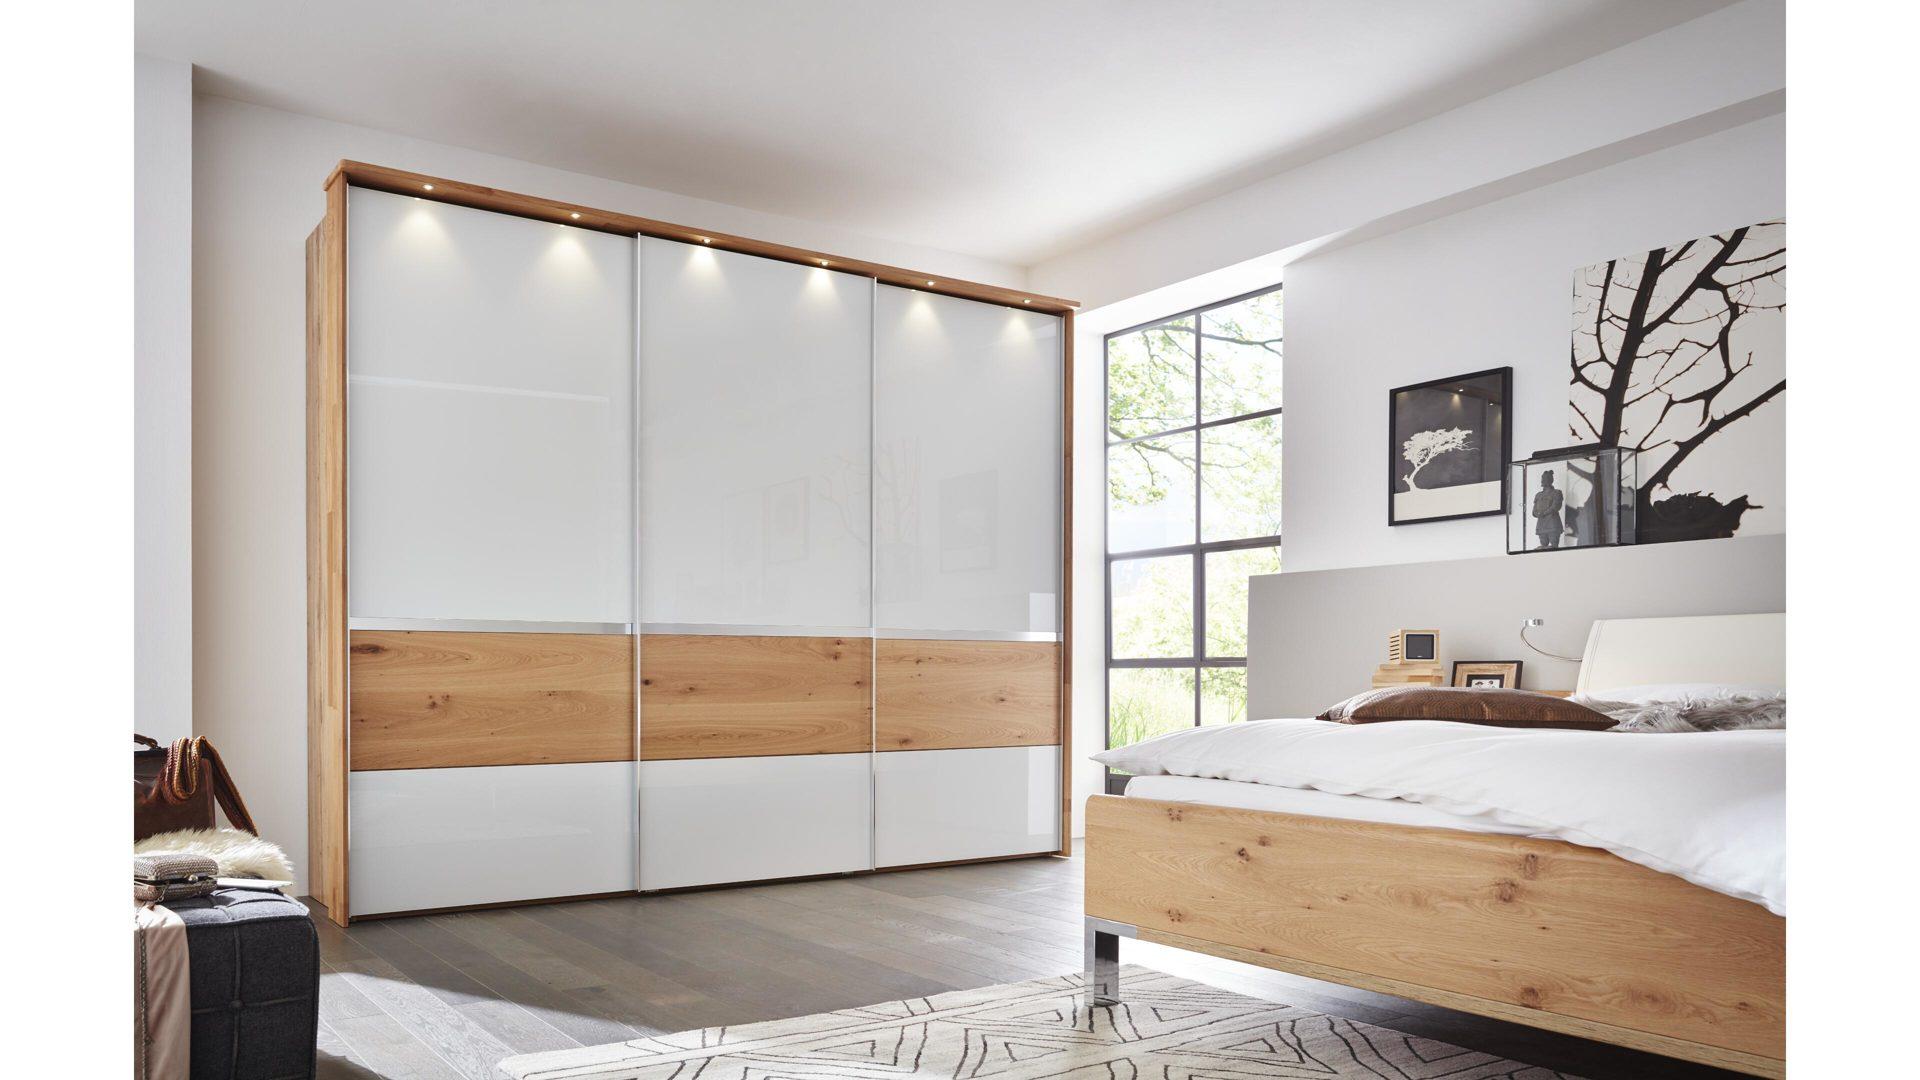 Schlafzimmer, Interliving, rauch, Schwebetürenschrank, Nachtkommode ...